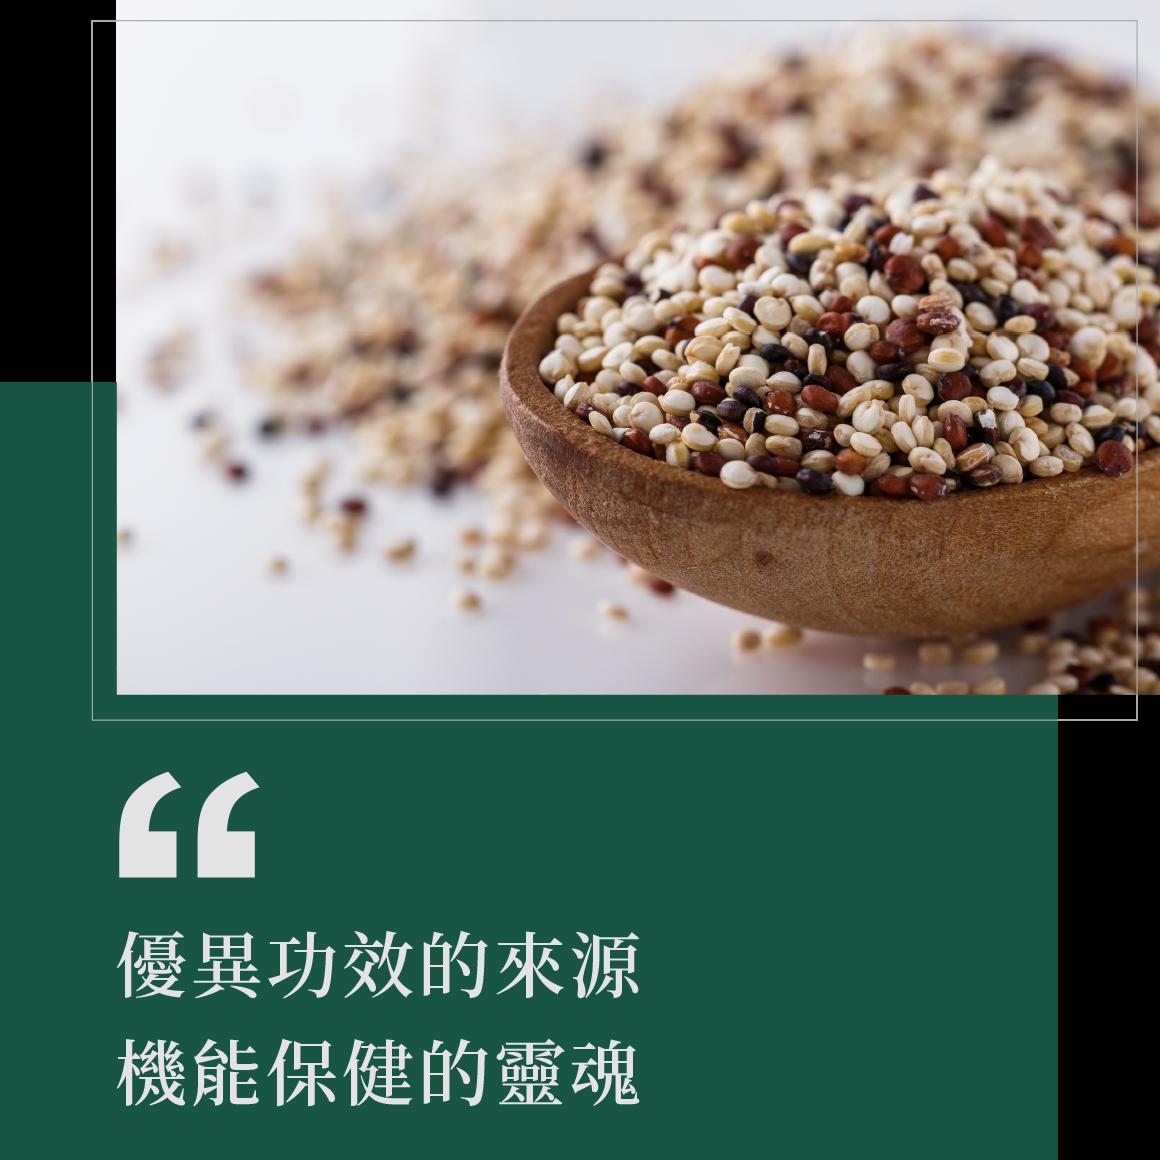 全球原料中文